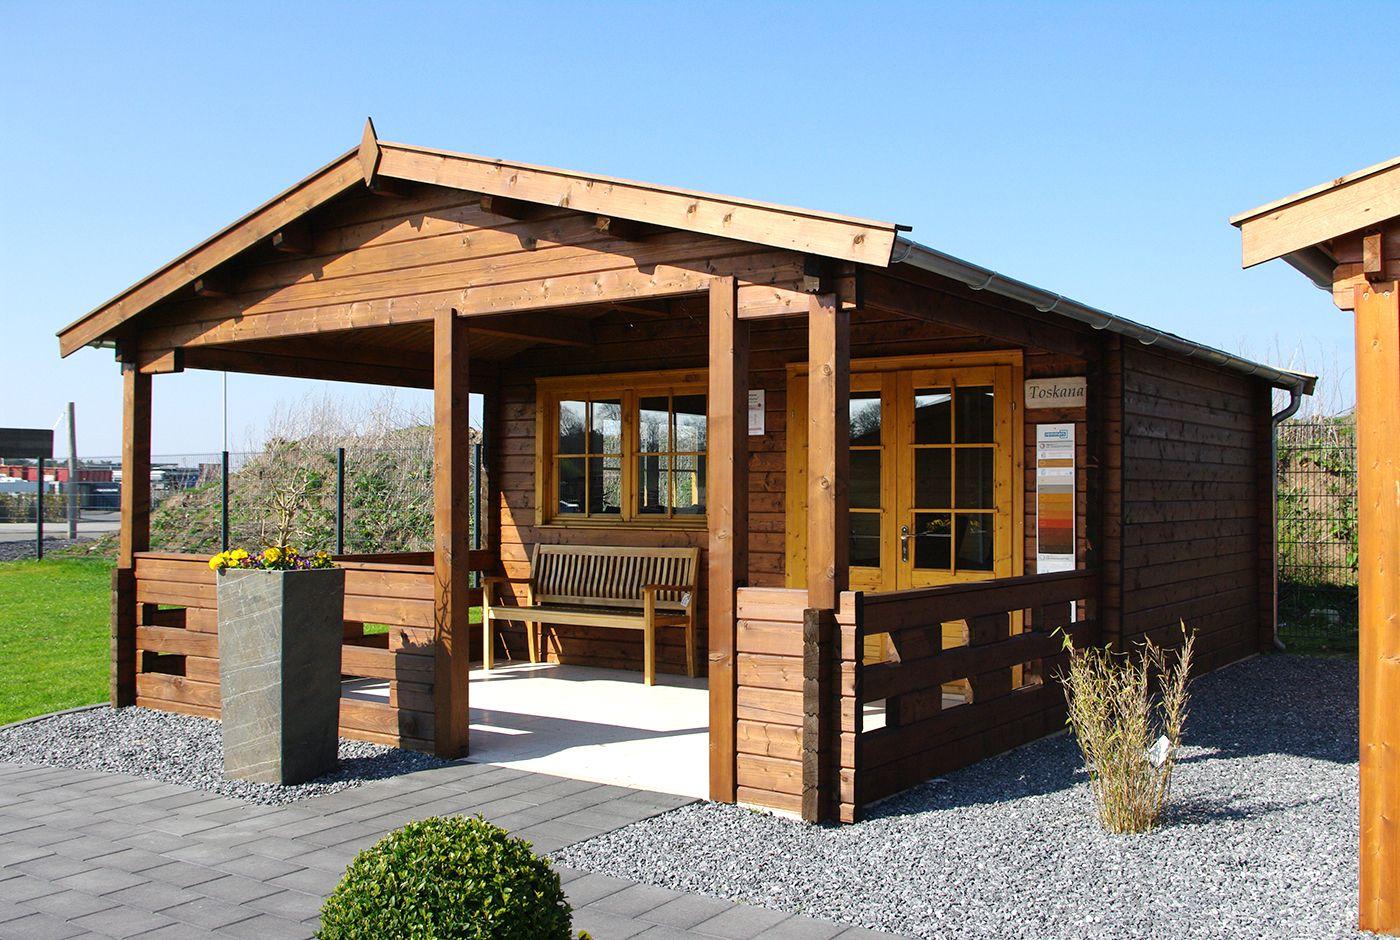 Ein großes Gartenhaus mit einer dicken Wandstärke von 70